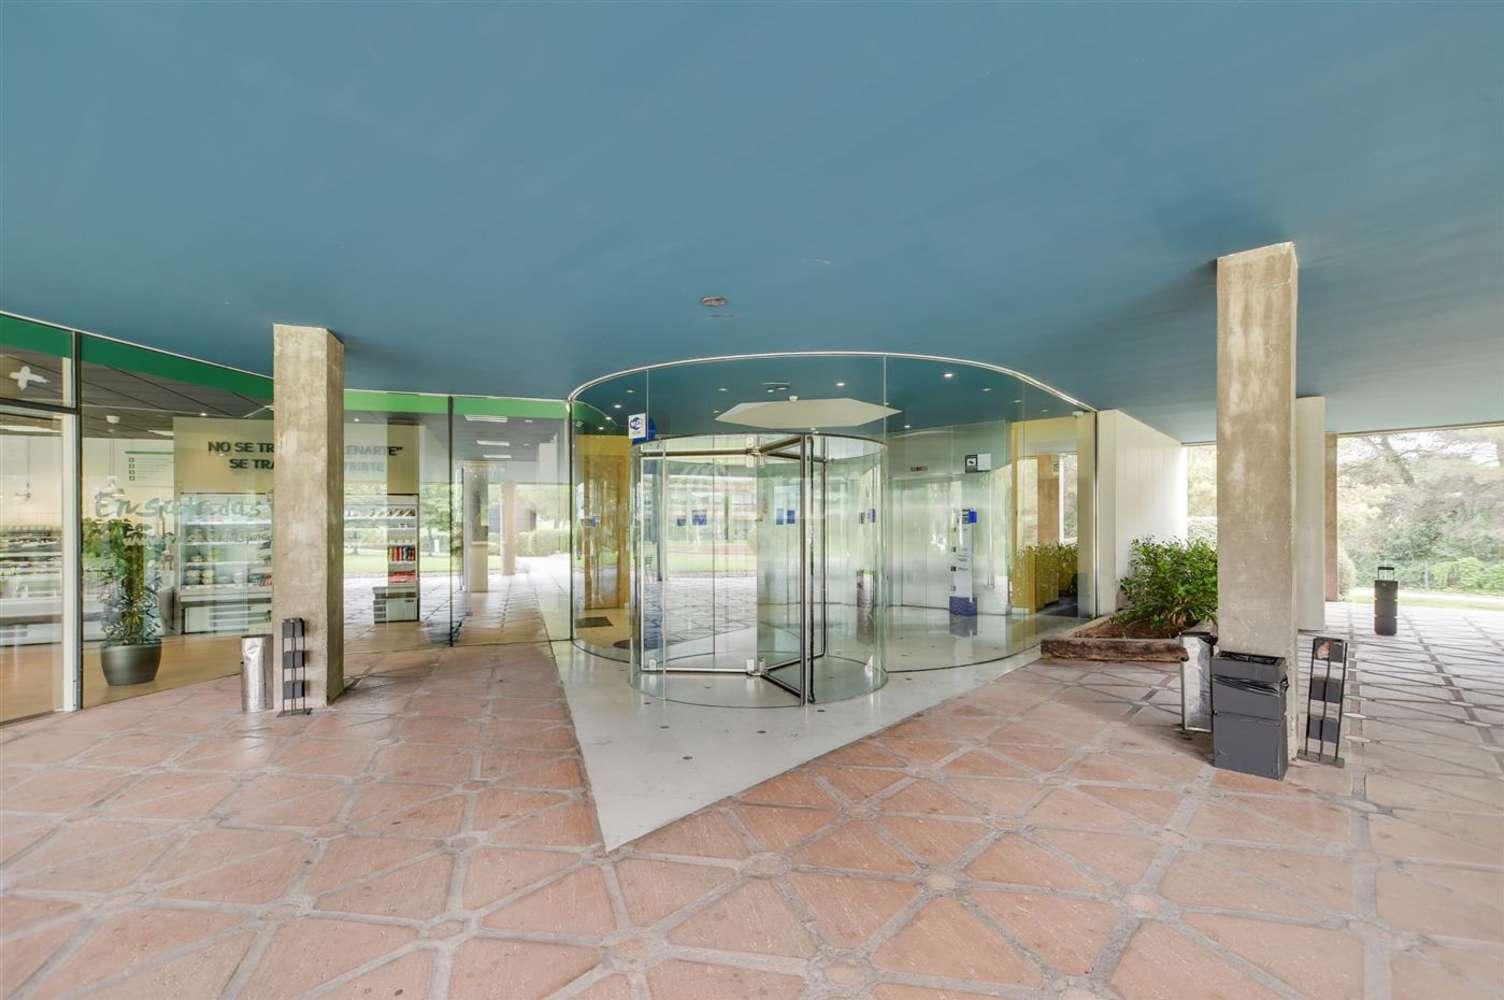 Oficina Sant cugat del vallès, 08174 - P.E. SANT JOAN - Sant Cugat I